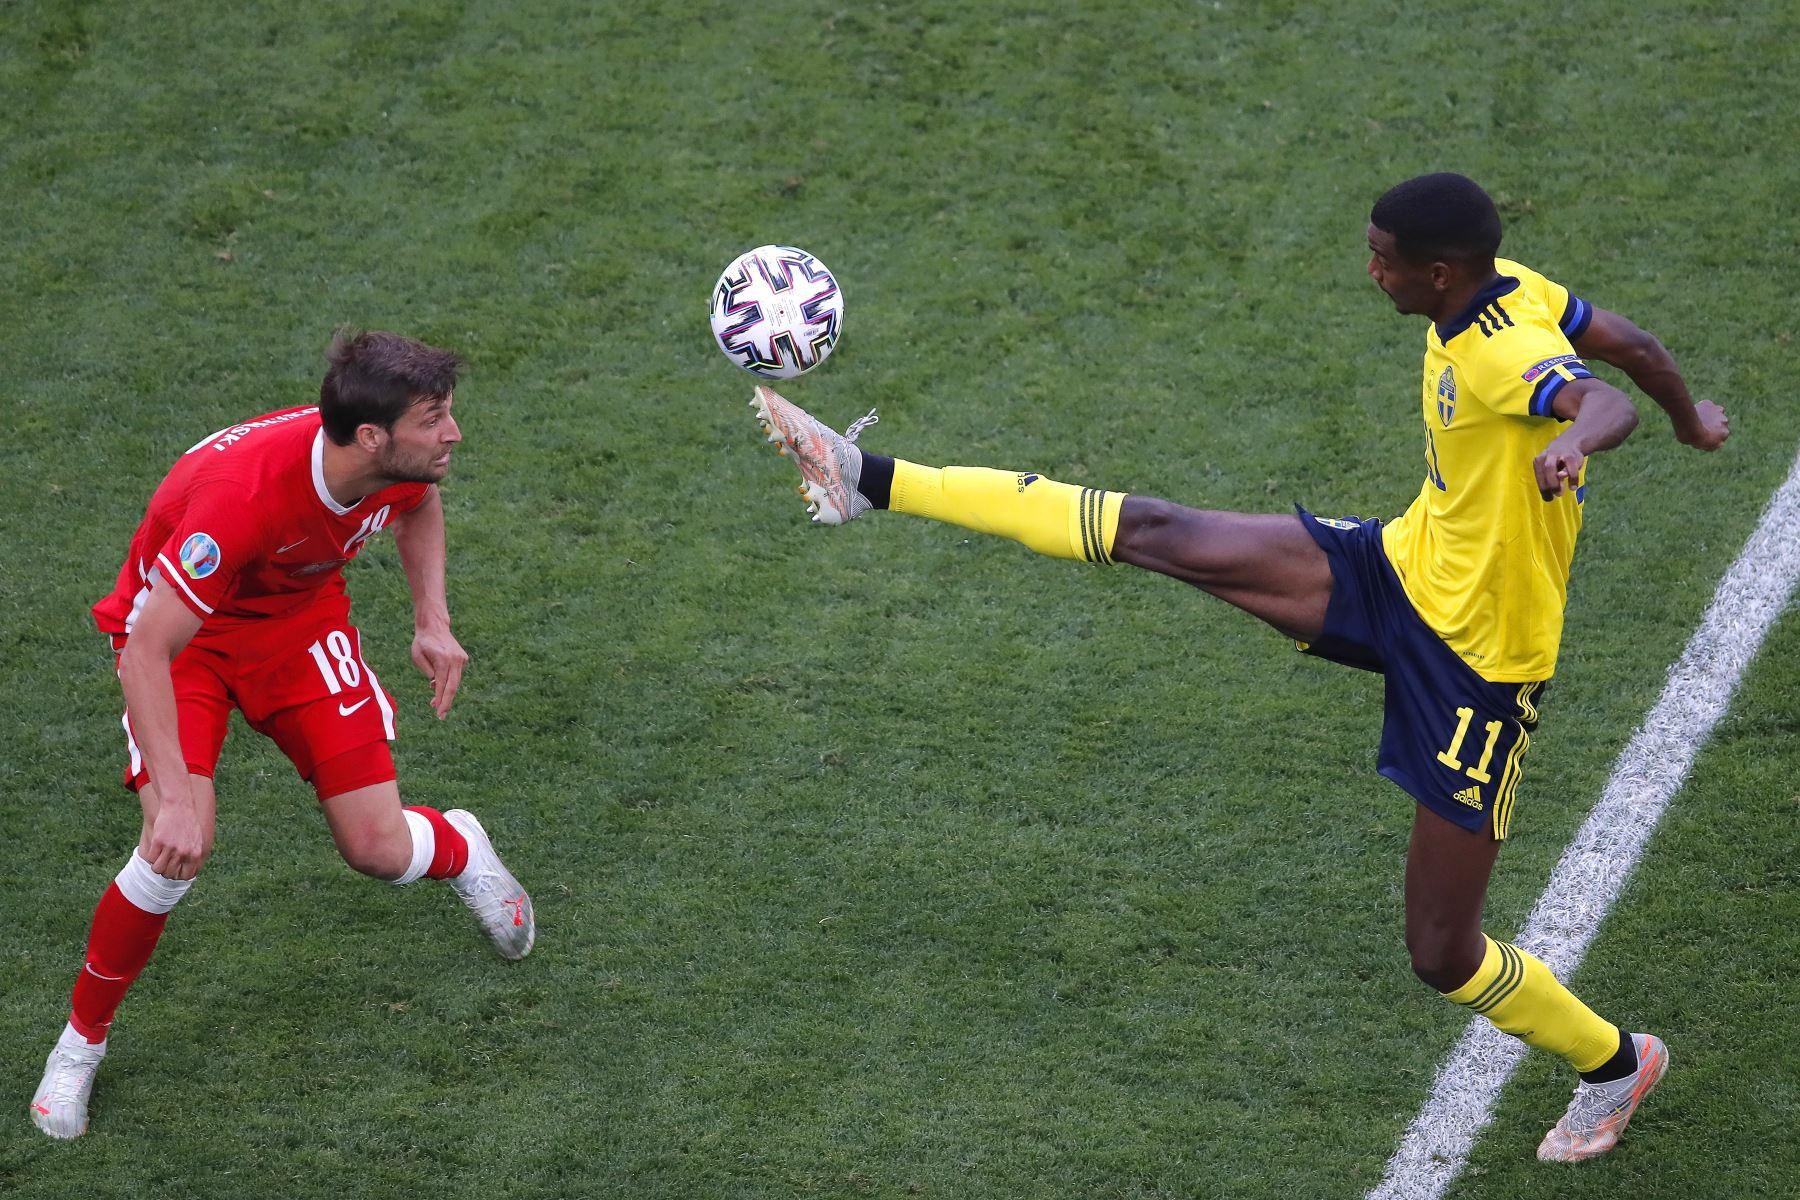 Alexander Isak de Suecia en acción contra Bartosz Bereszynski de Polonia durante el partido por la ronda preliminar del grupo E de la UEFA EURO 2020. Foto: EFE